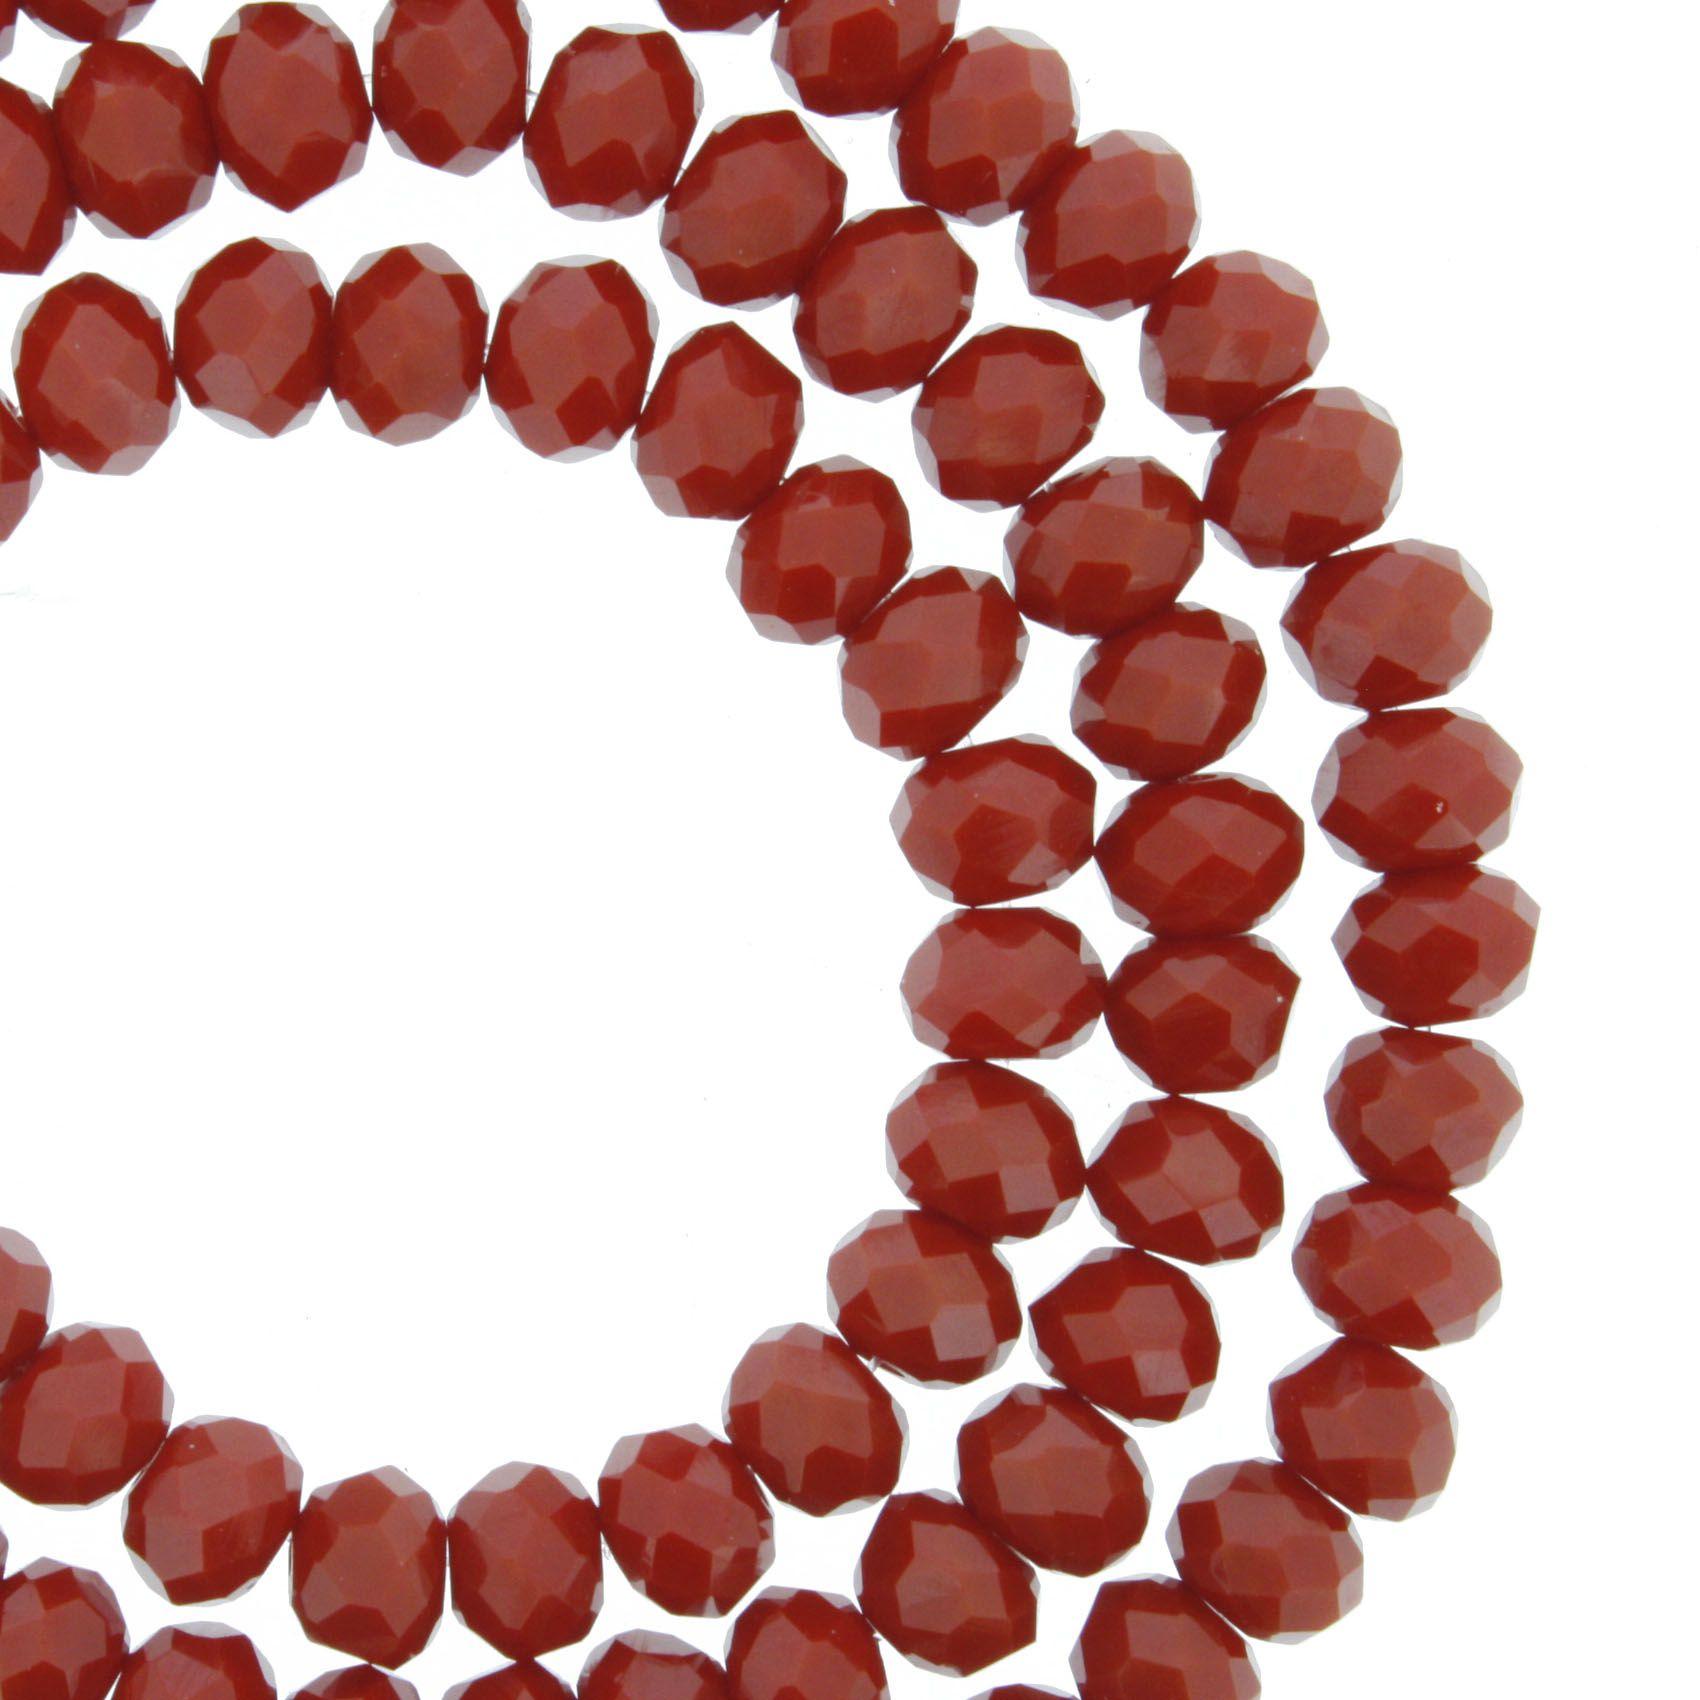 Fio de Cristal - Piatto® - Vermelho Escuro - 6mm  - Universo Religioso® - Artigos de Umbanda e Candomblé